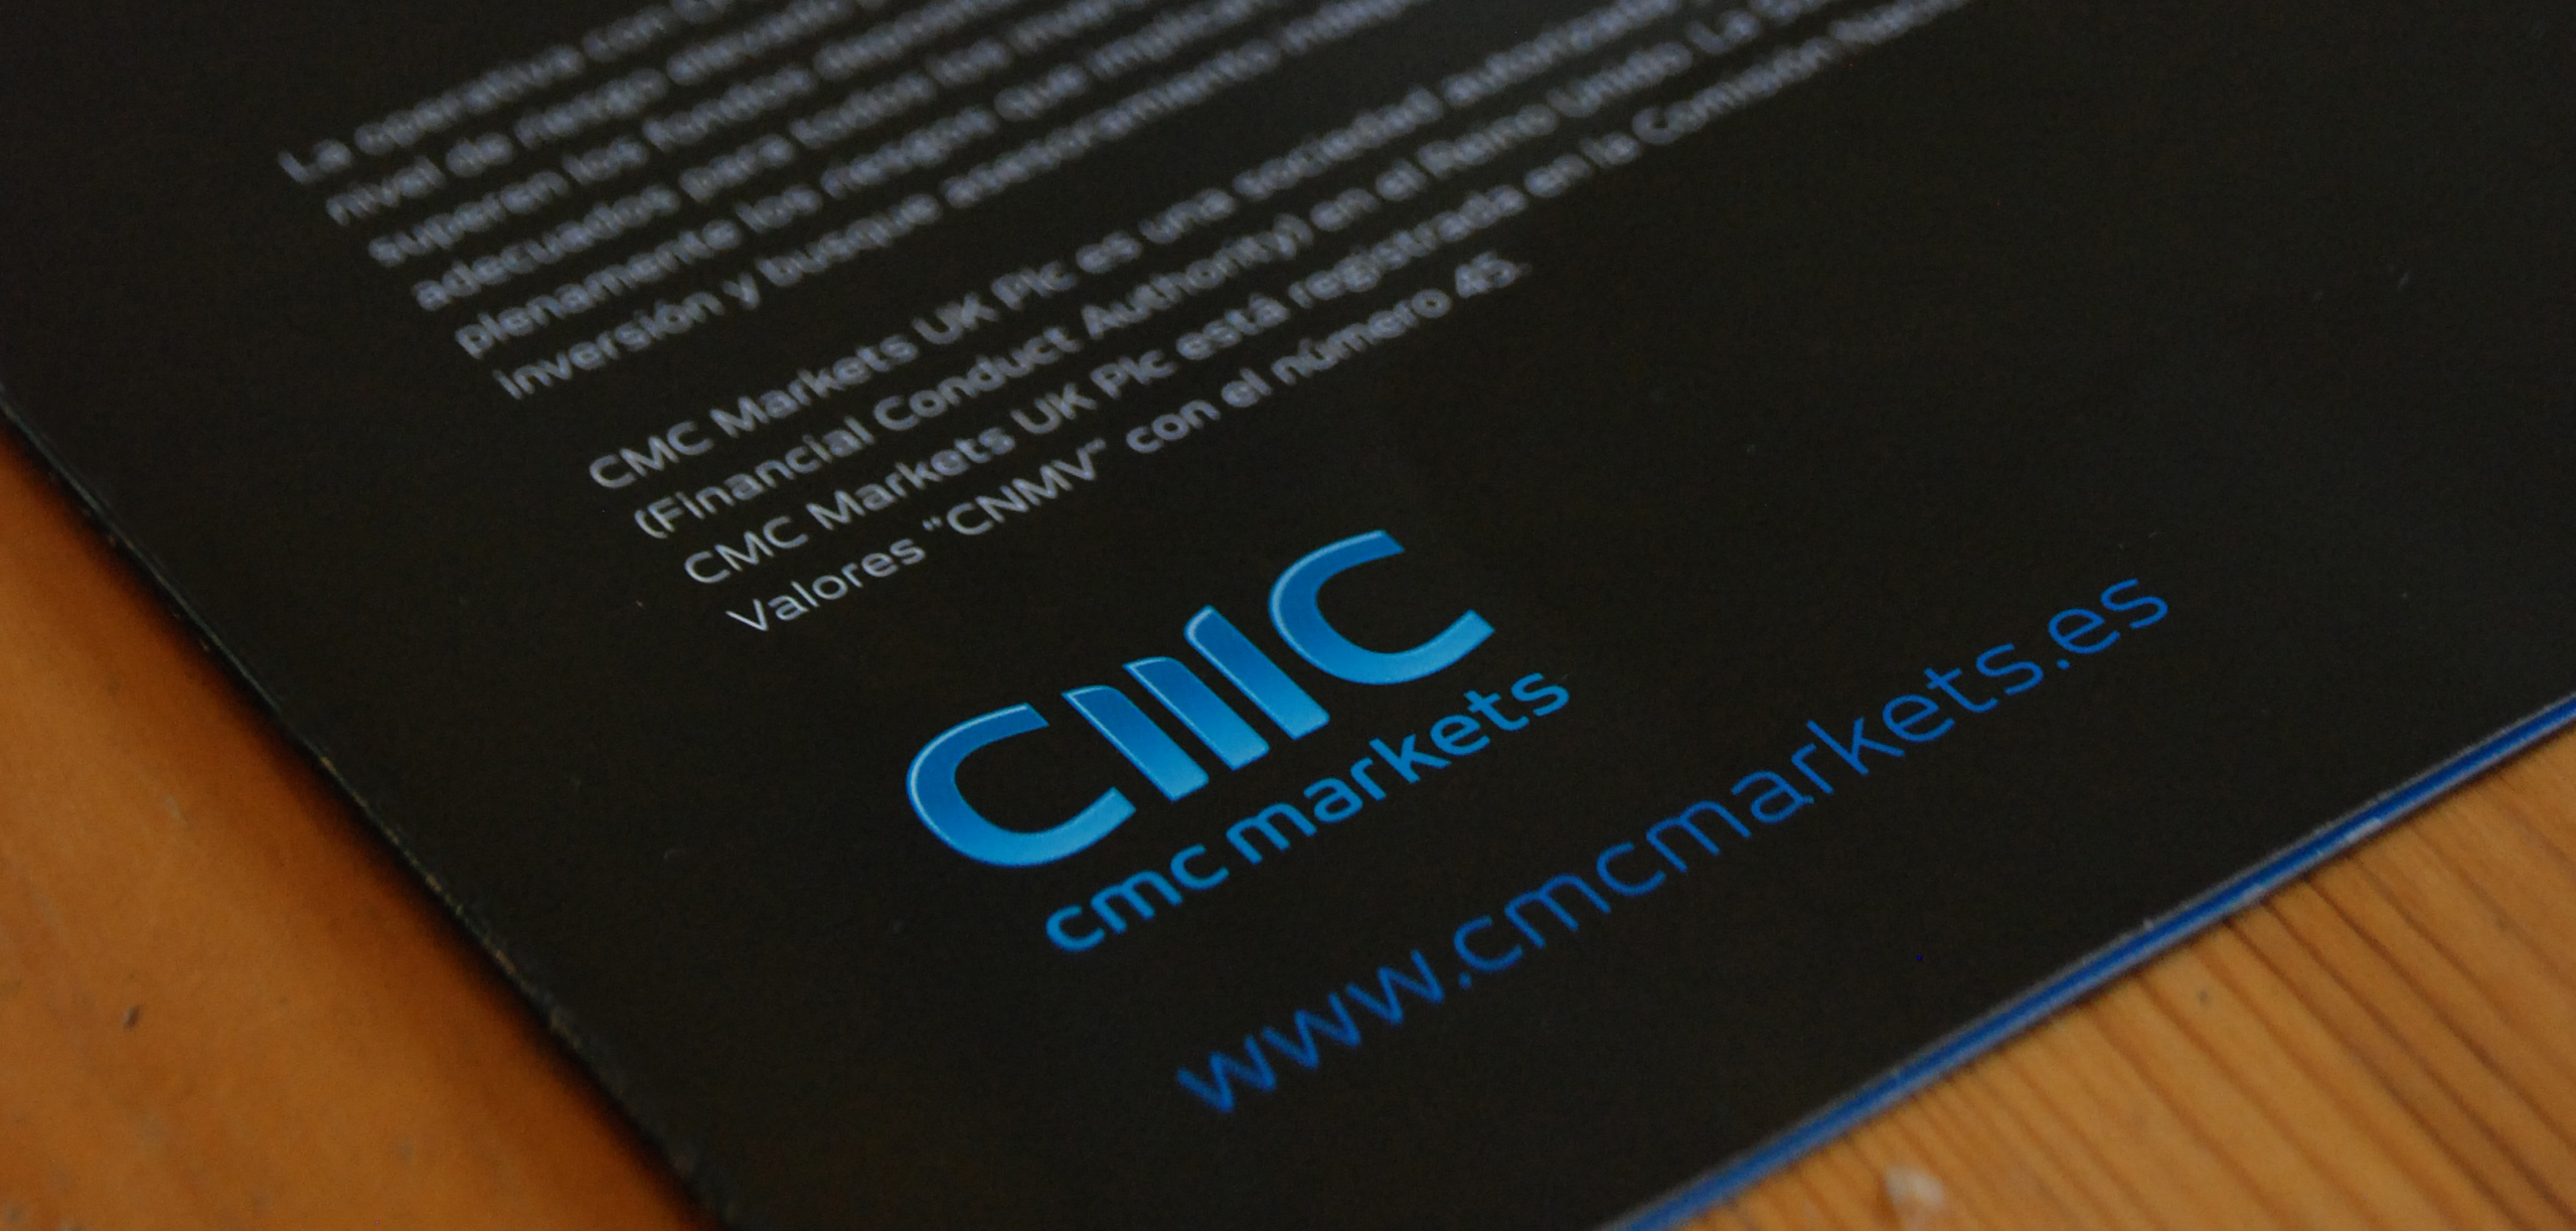 Cmc Markets Mindesteinzahlung